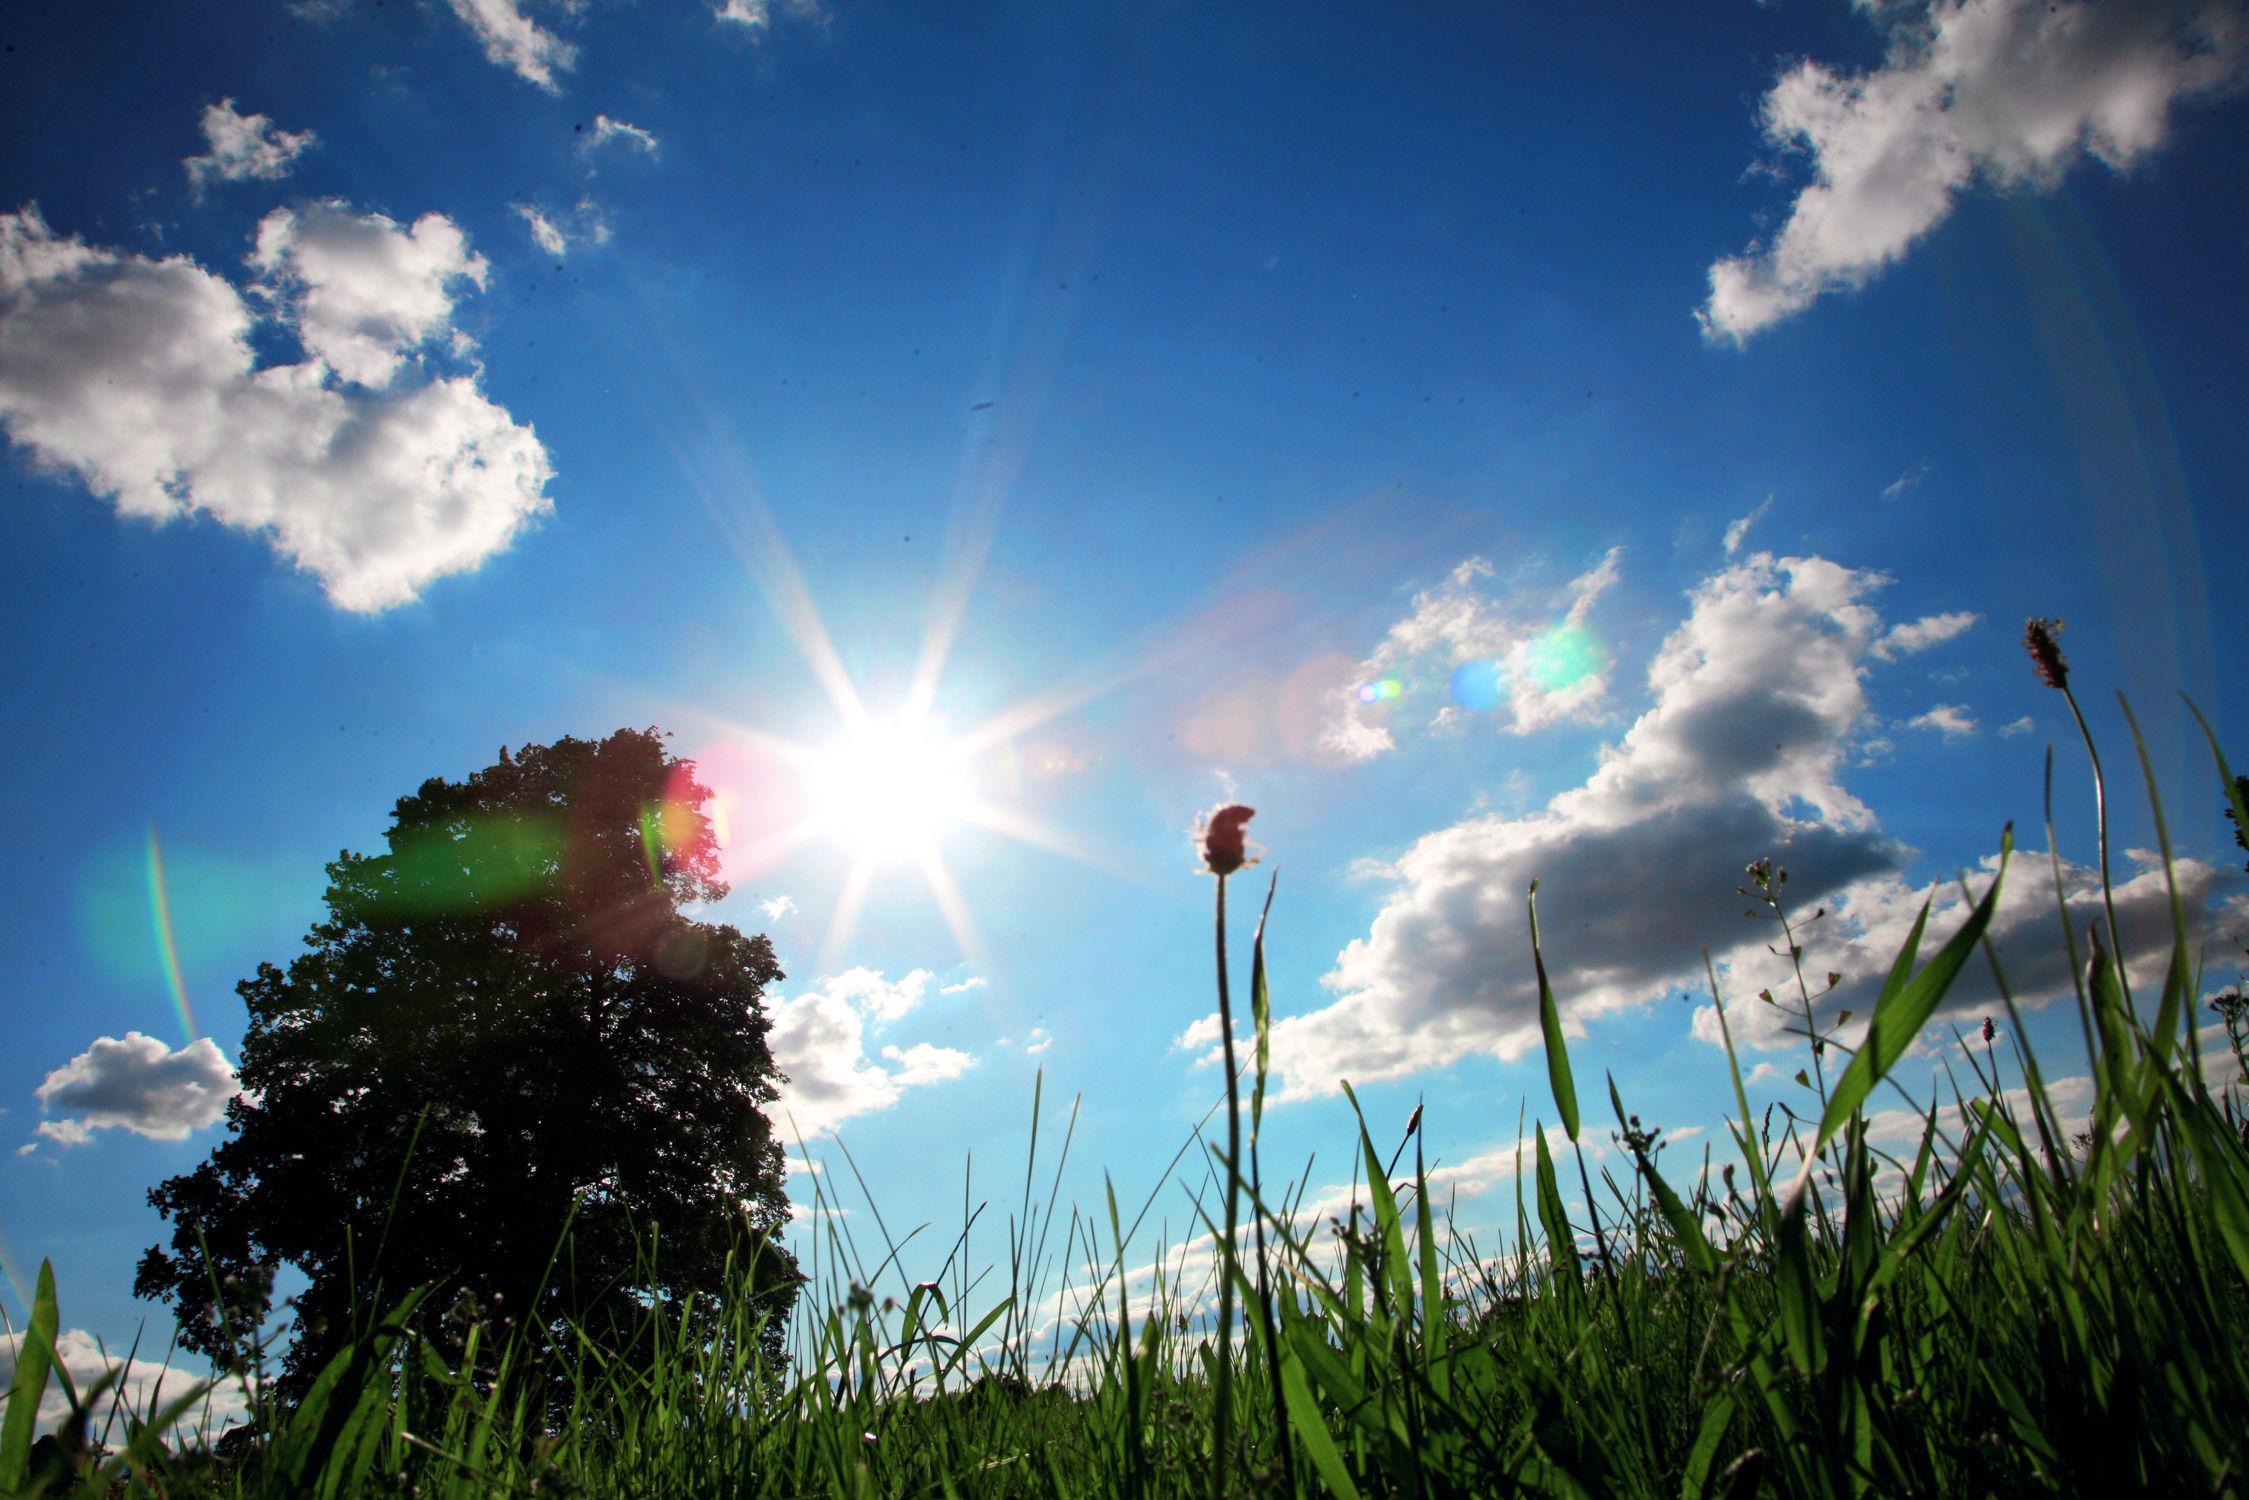 Bild mit Natur, Gräser, Sonnenuntergang, Sonnenaufgang, Sonne, Sonnenschein, Gras, Wiese, Wiesen, sun, sunshine